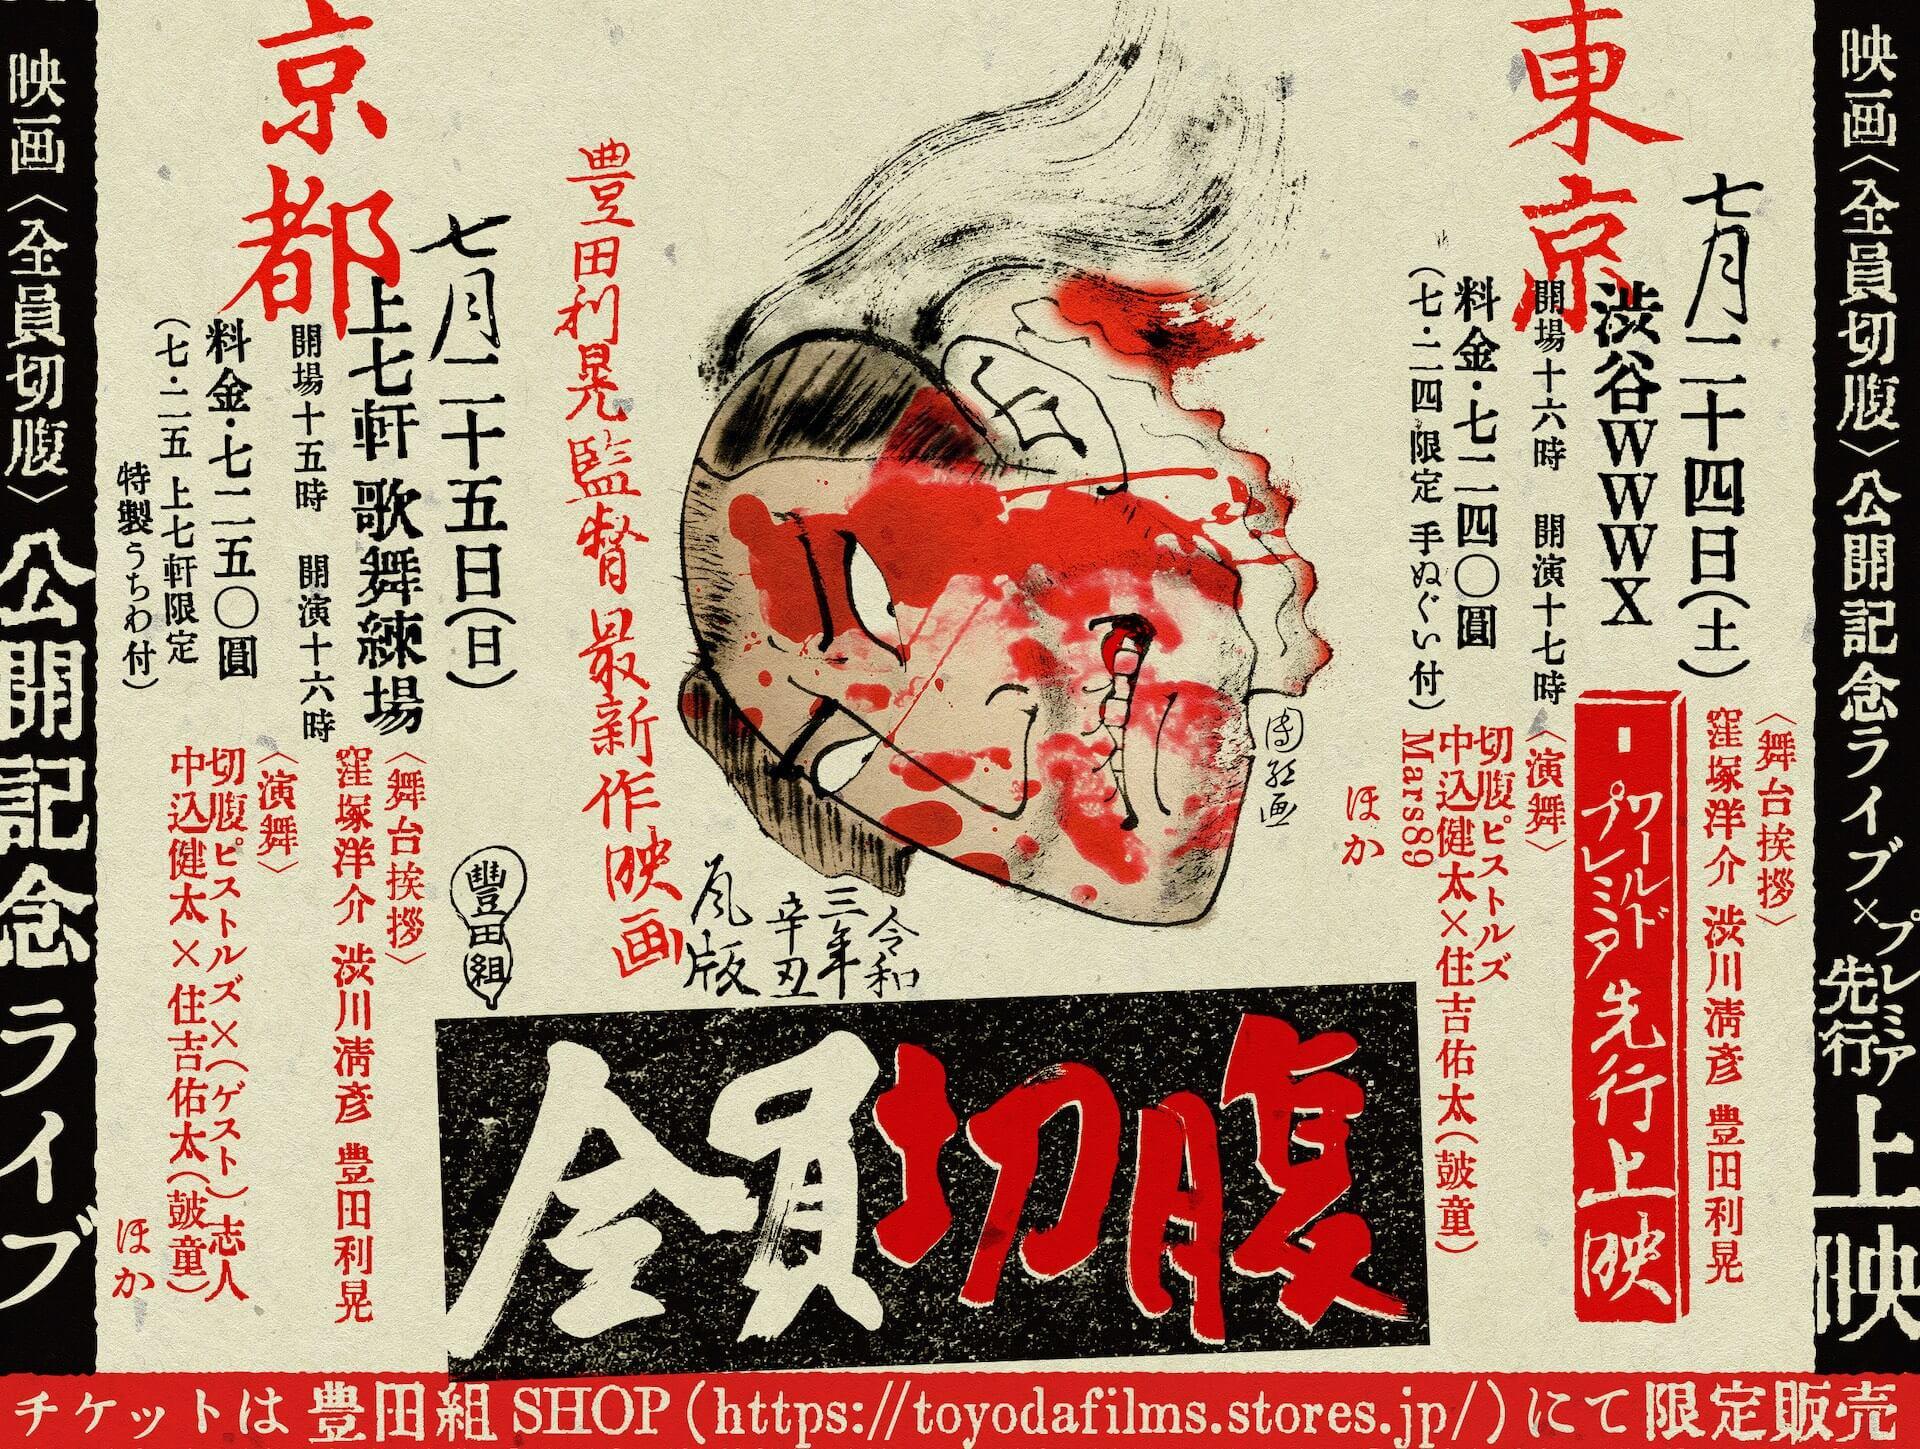 豊田利晃×名越啓介のタッグで贈るフォトブック『7・24 映画戦争2019-2021』が発売決定! culture_210708_seppuku2